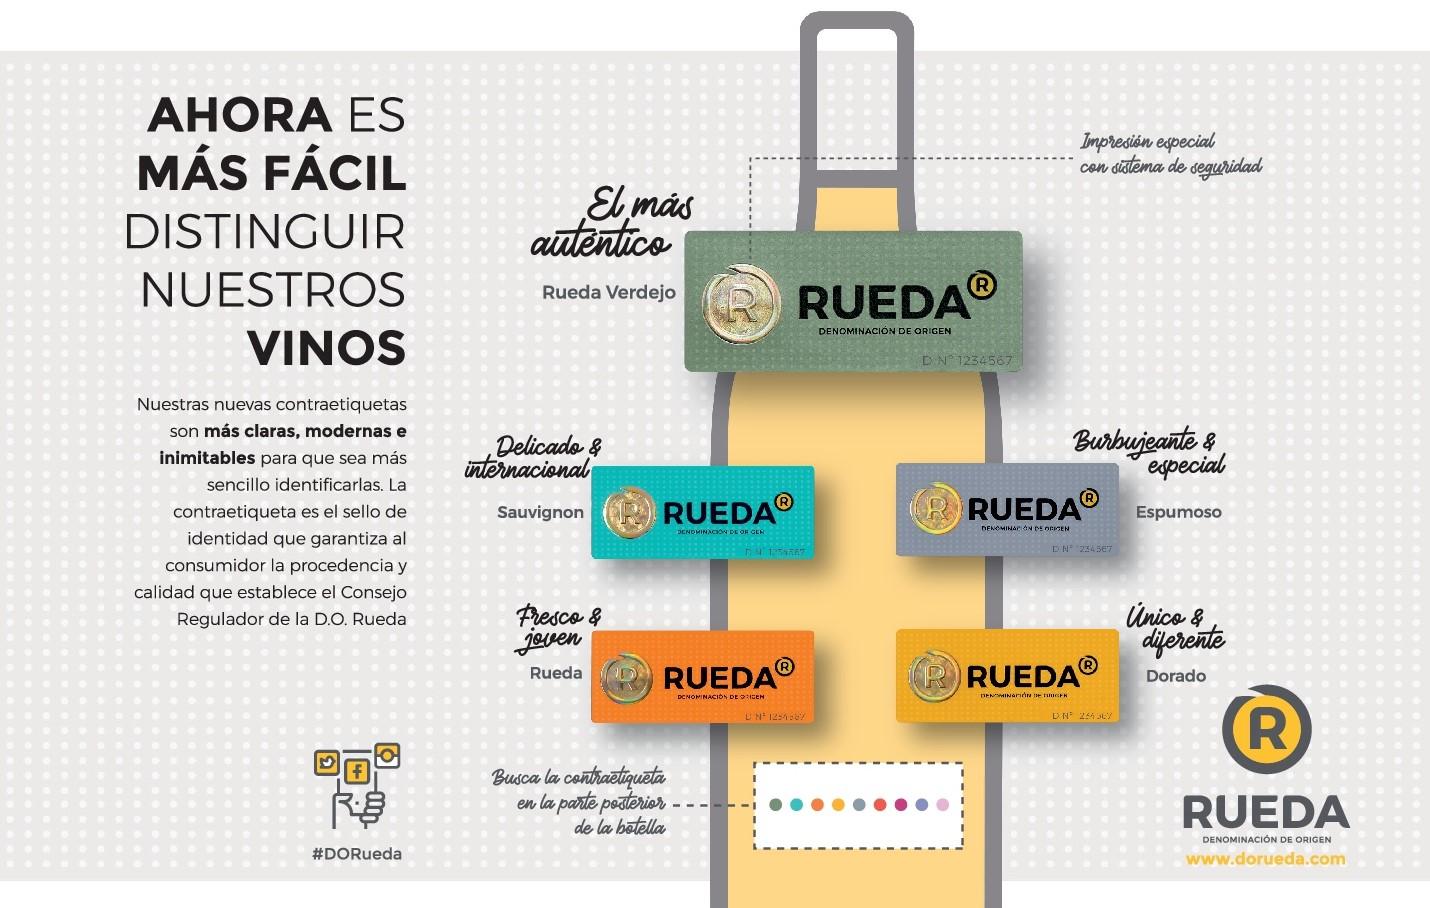 LOS VINOS DE LA D.O. RUEDA, MÁS FÁCILES DE DISTINGUIR CON SUS NUEVAS CONTRAETIQUETAS